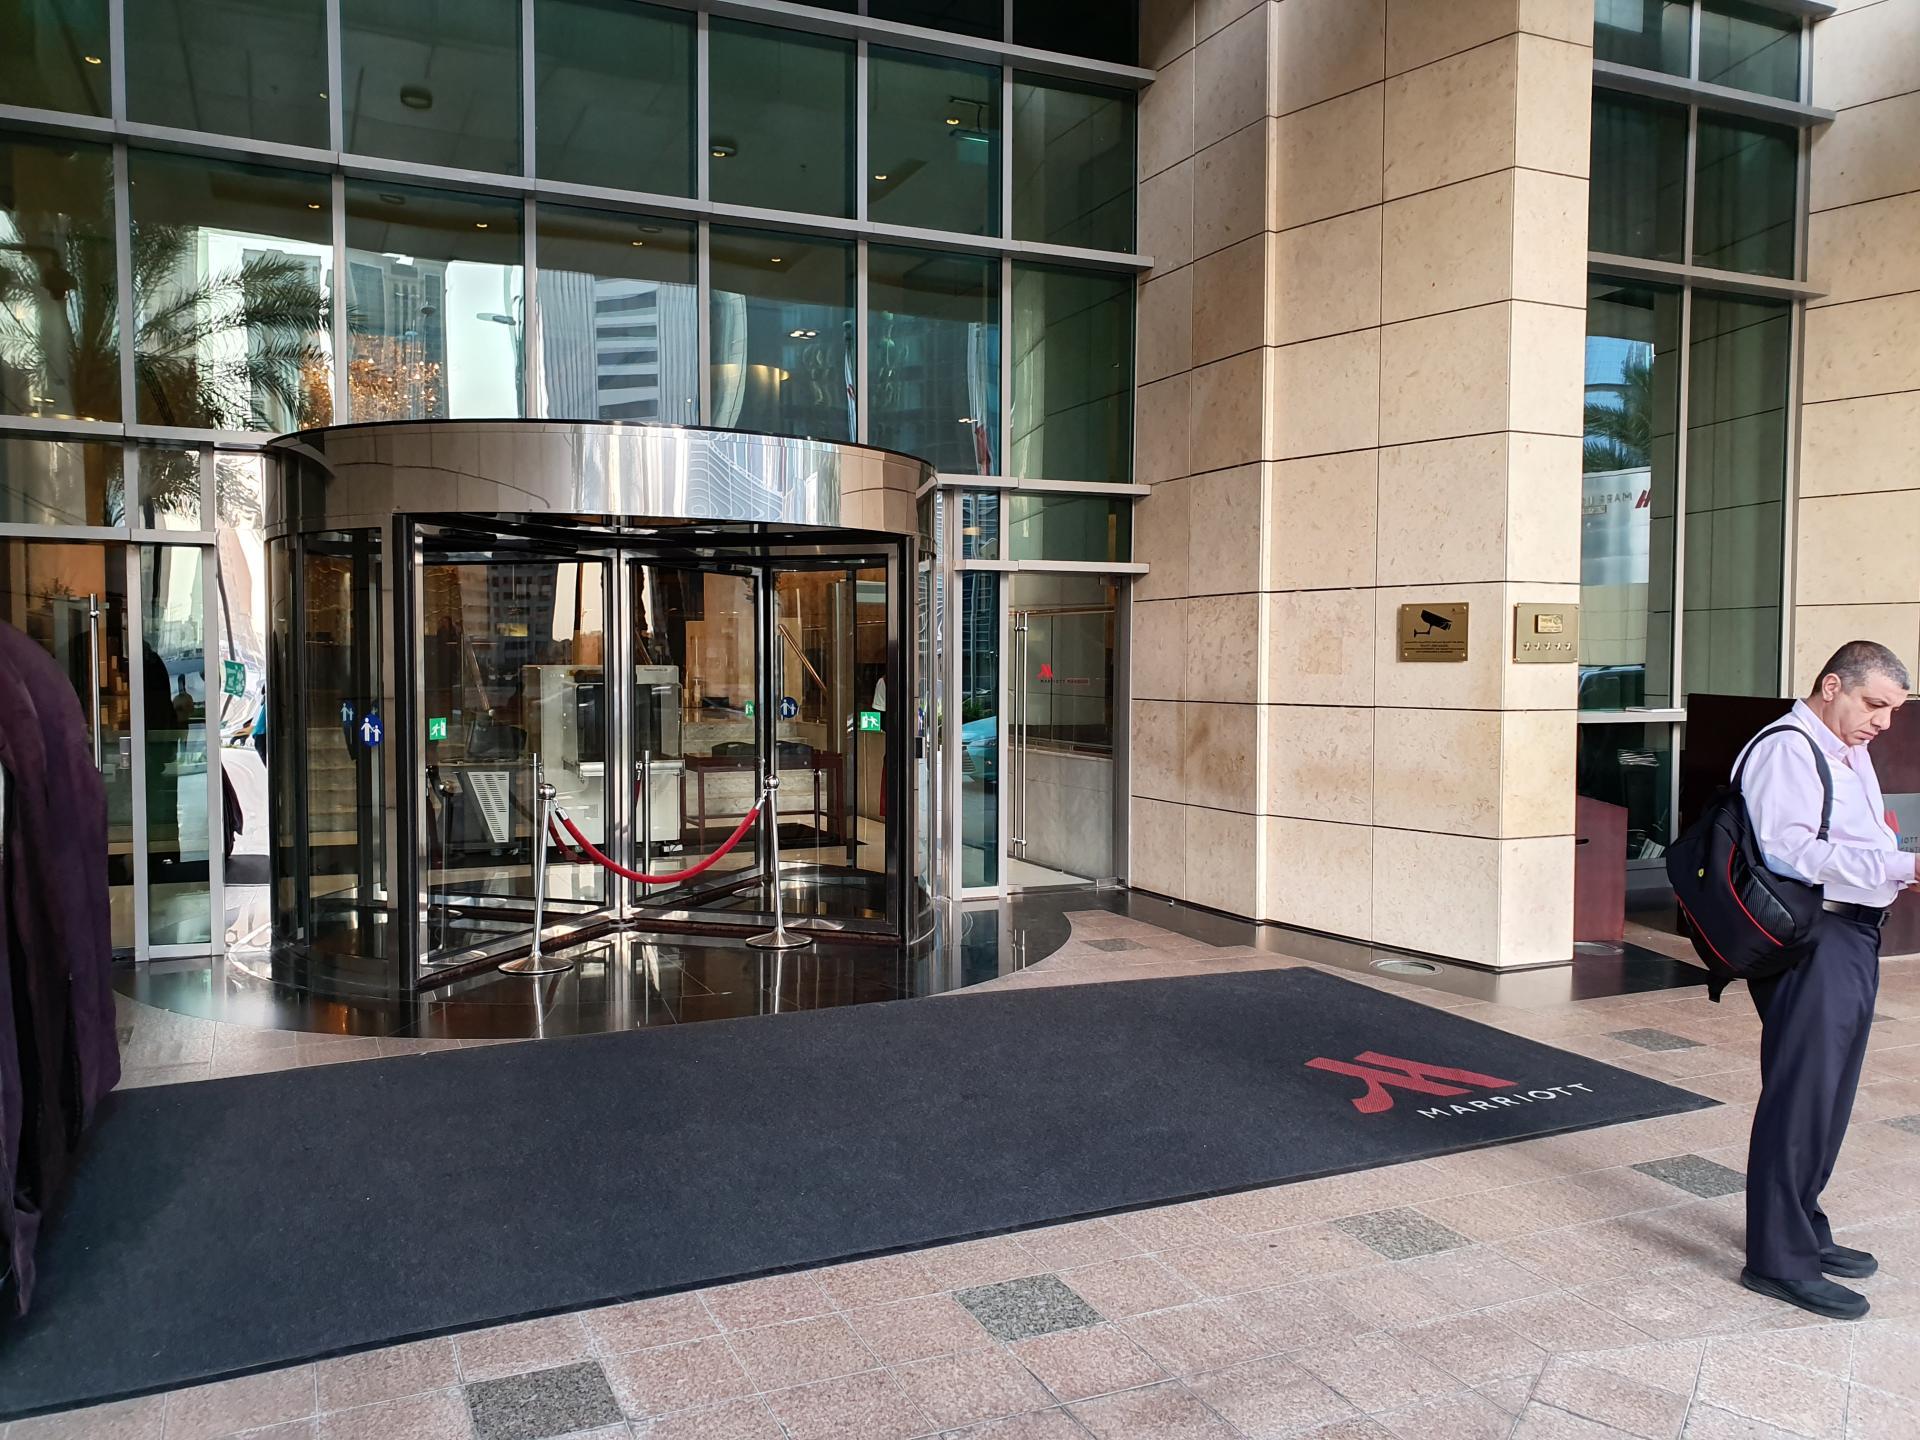 вход в отель Mariott Marquis, Доха, Катар